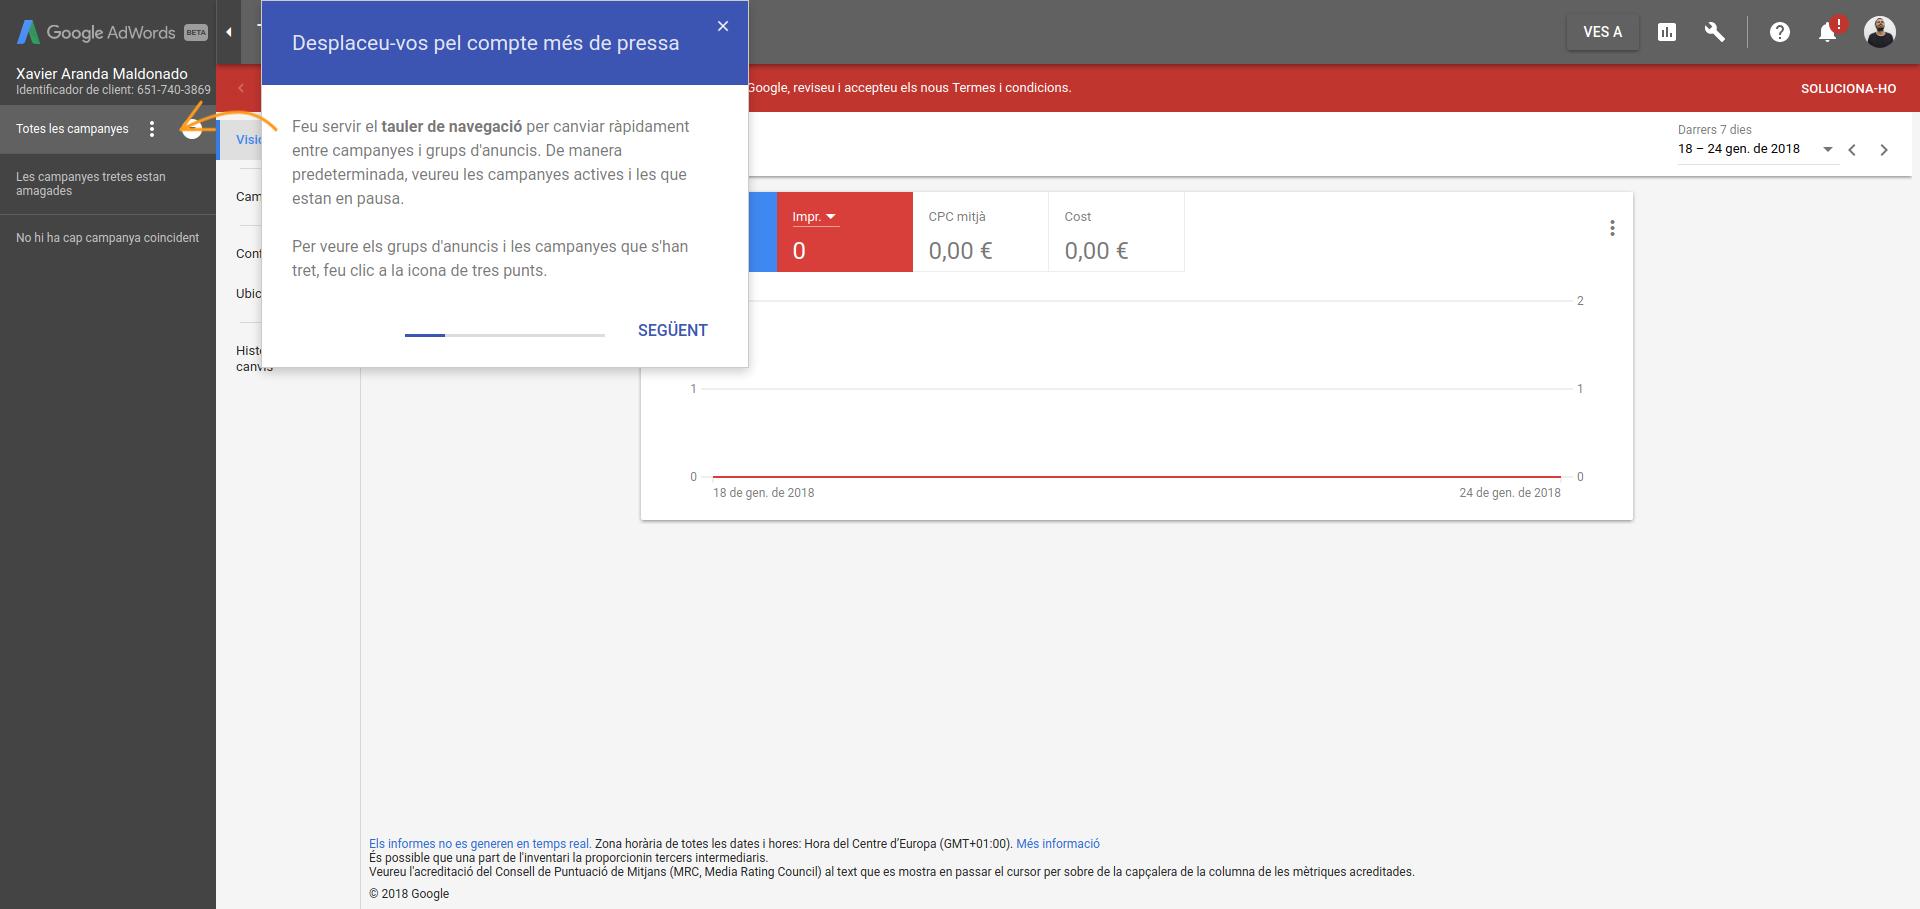 Captura imatge del nou panell de control de Google Adwords Font: Colectic